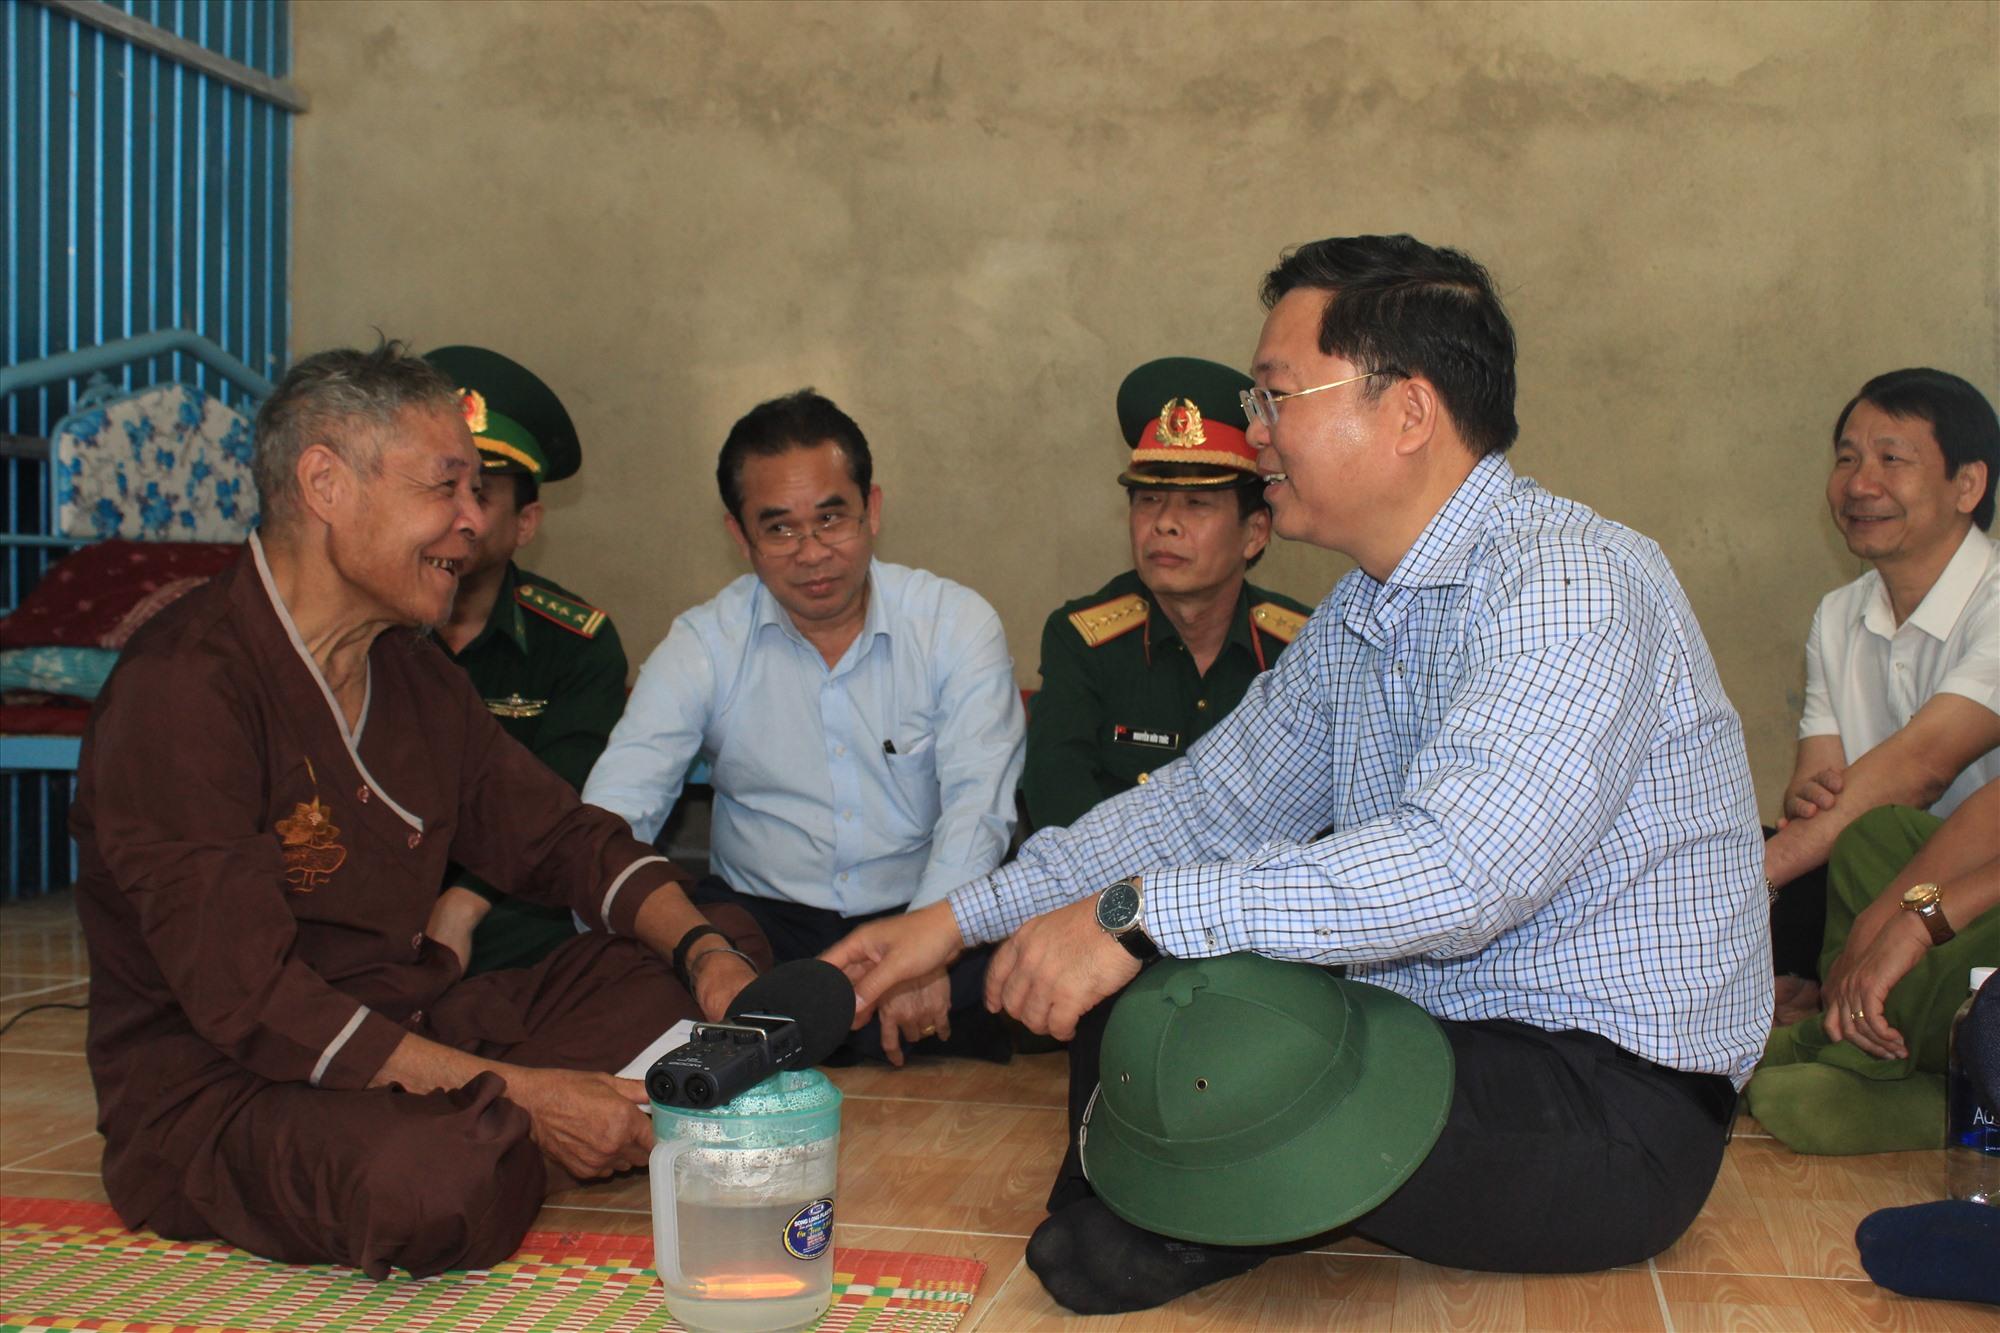 Chủ tịch UBND tỉnh Lê Trí Thanh và cụ Hồ Văn Deo tâm tình trong căn nhà mới. Ảnh: T.C